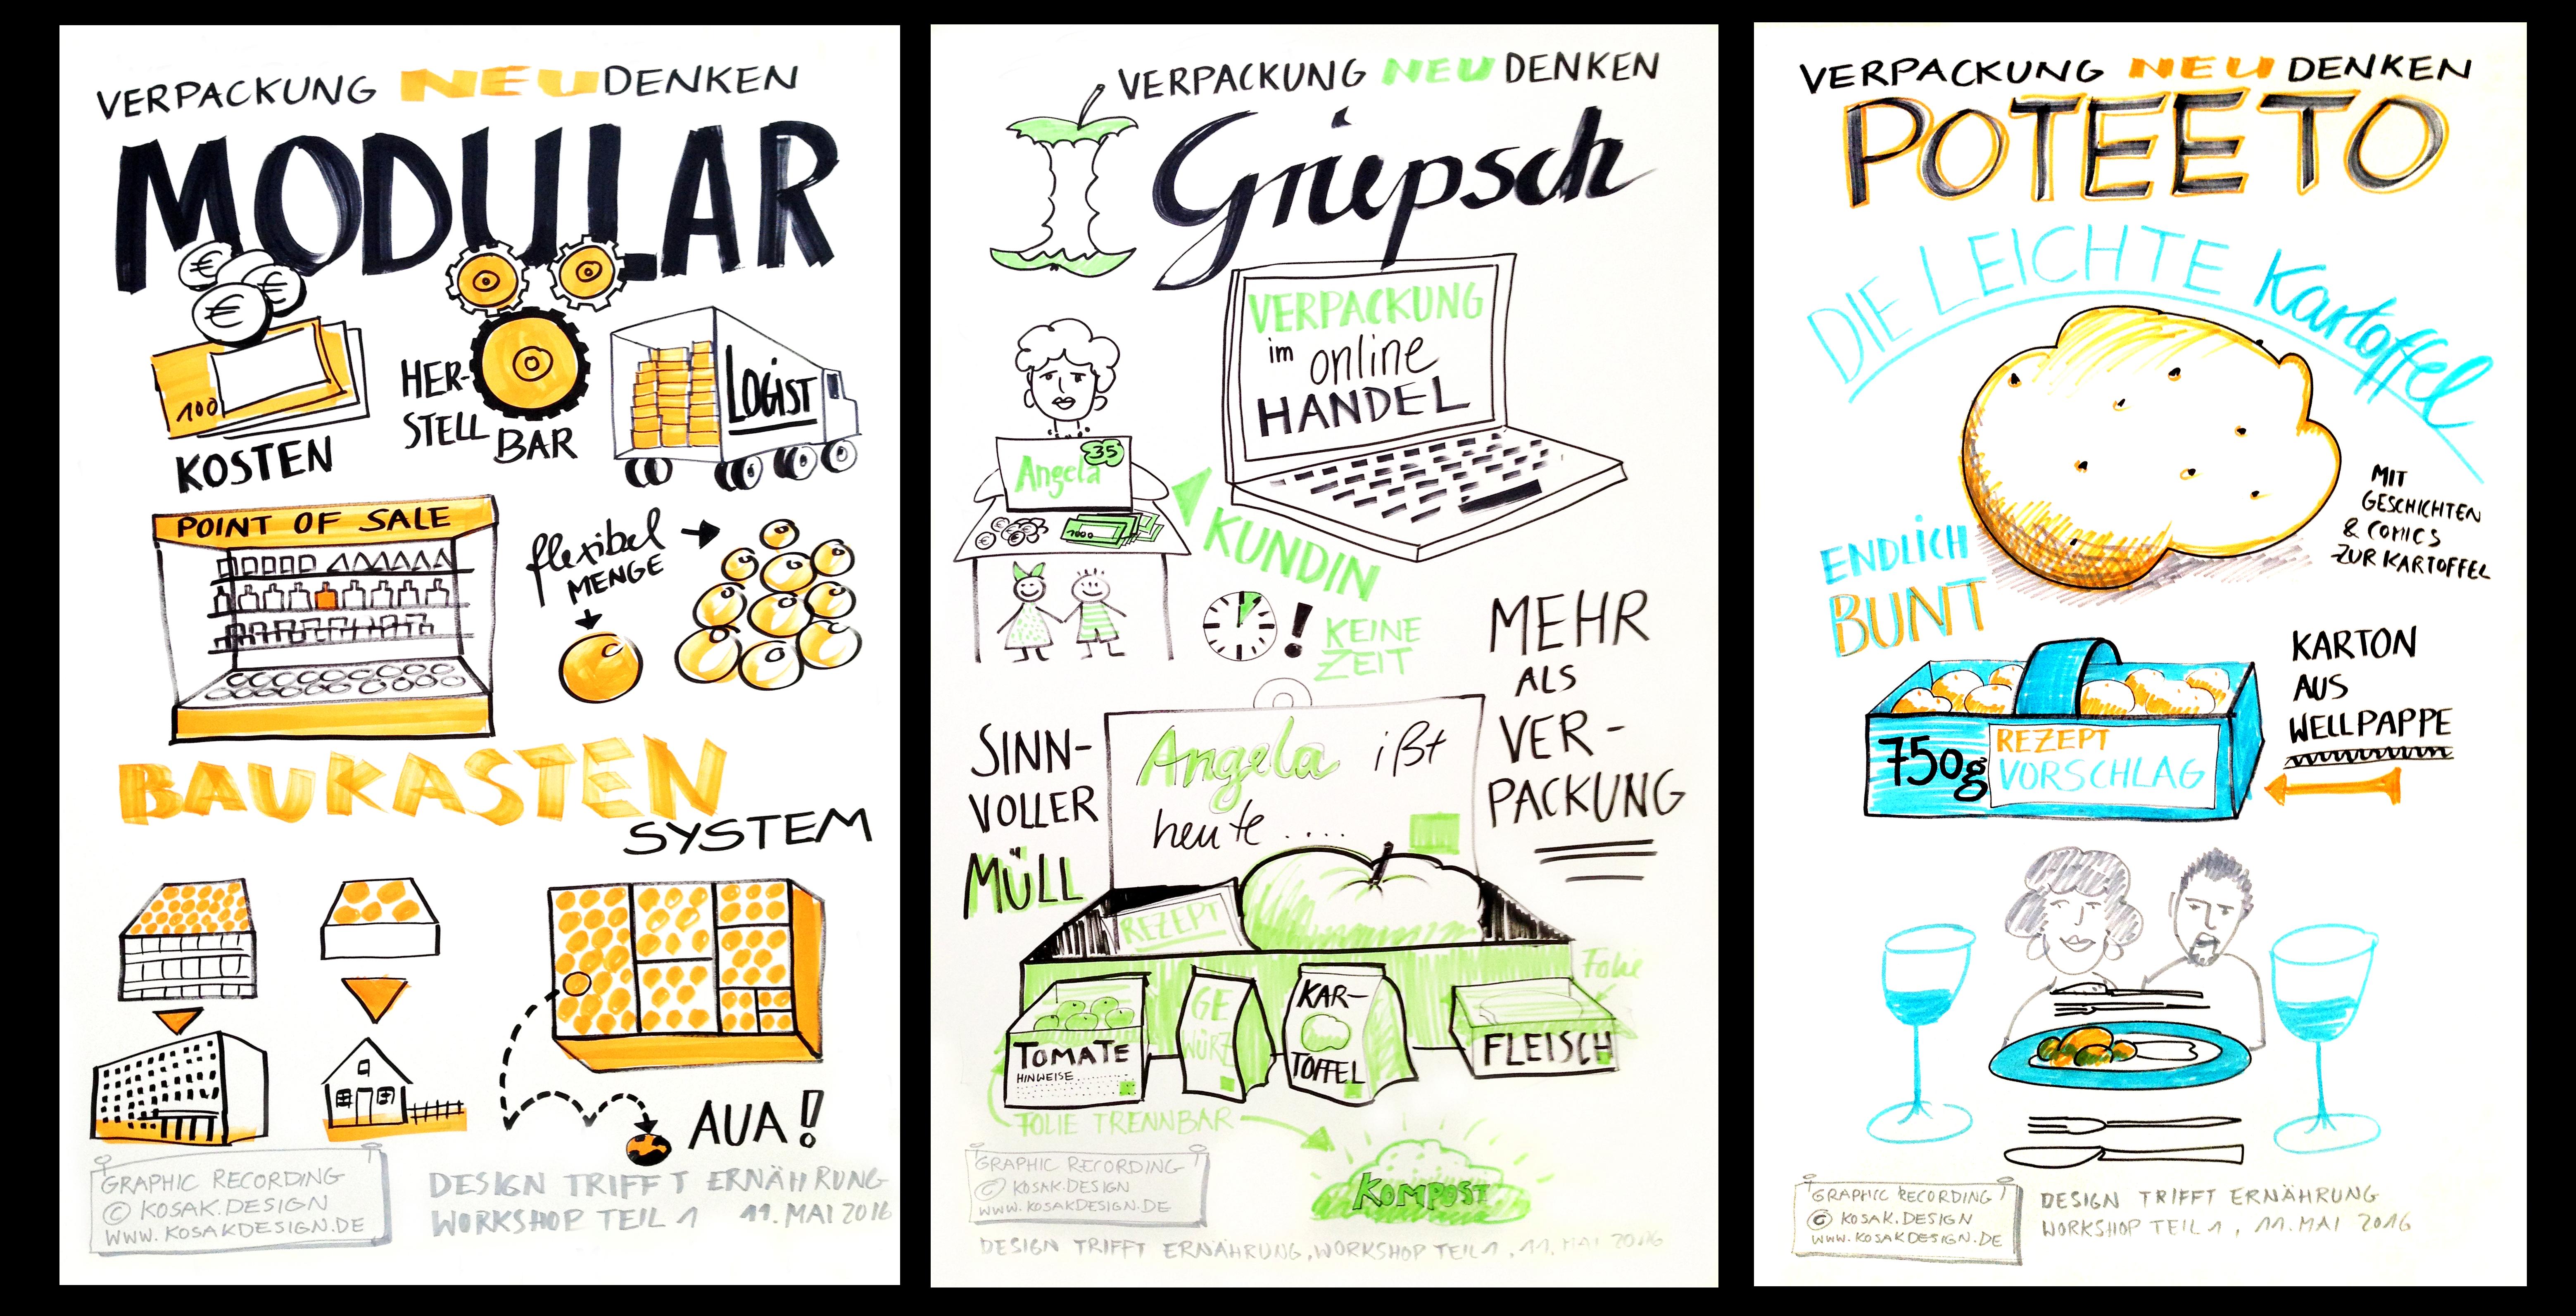 Gemütlich Beispiel Graphic Design Vorschlag Ideen - FORTSETZUNG ...